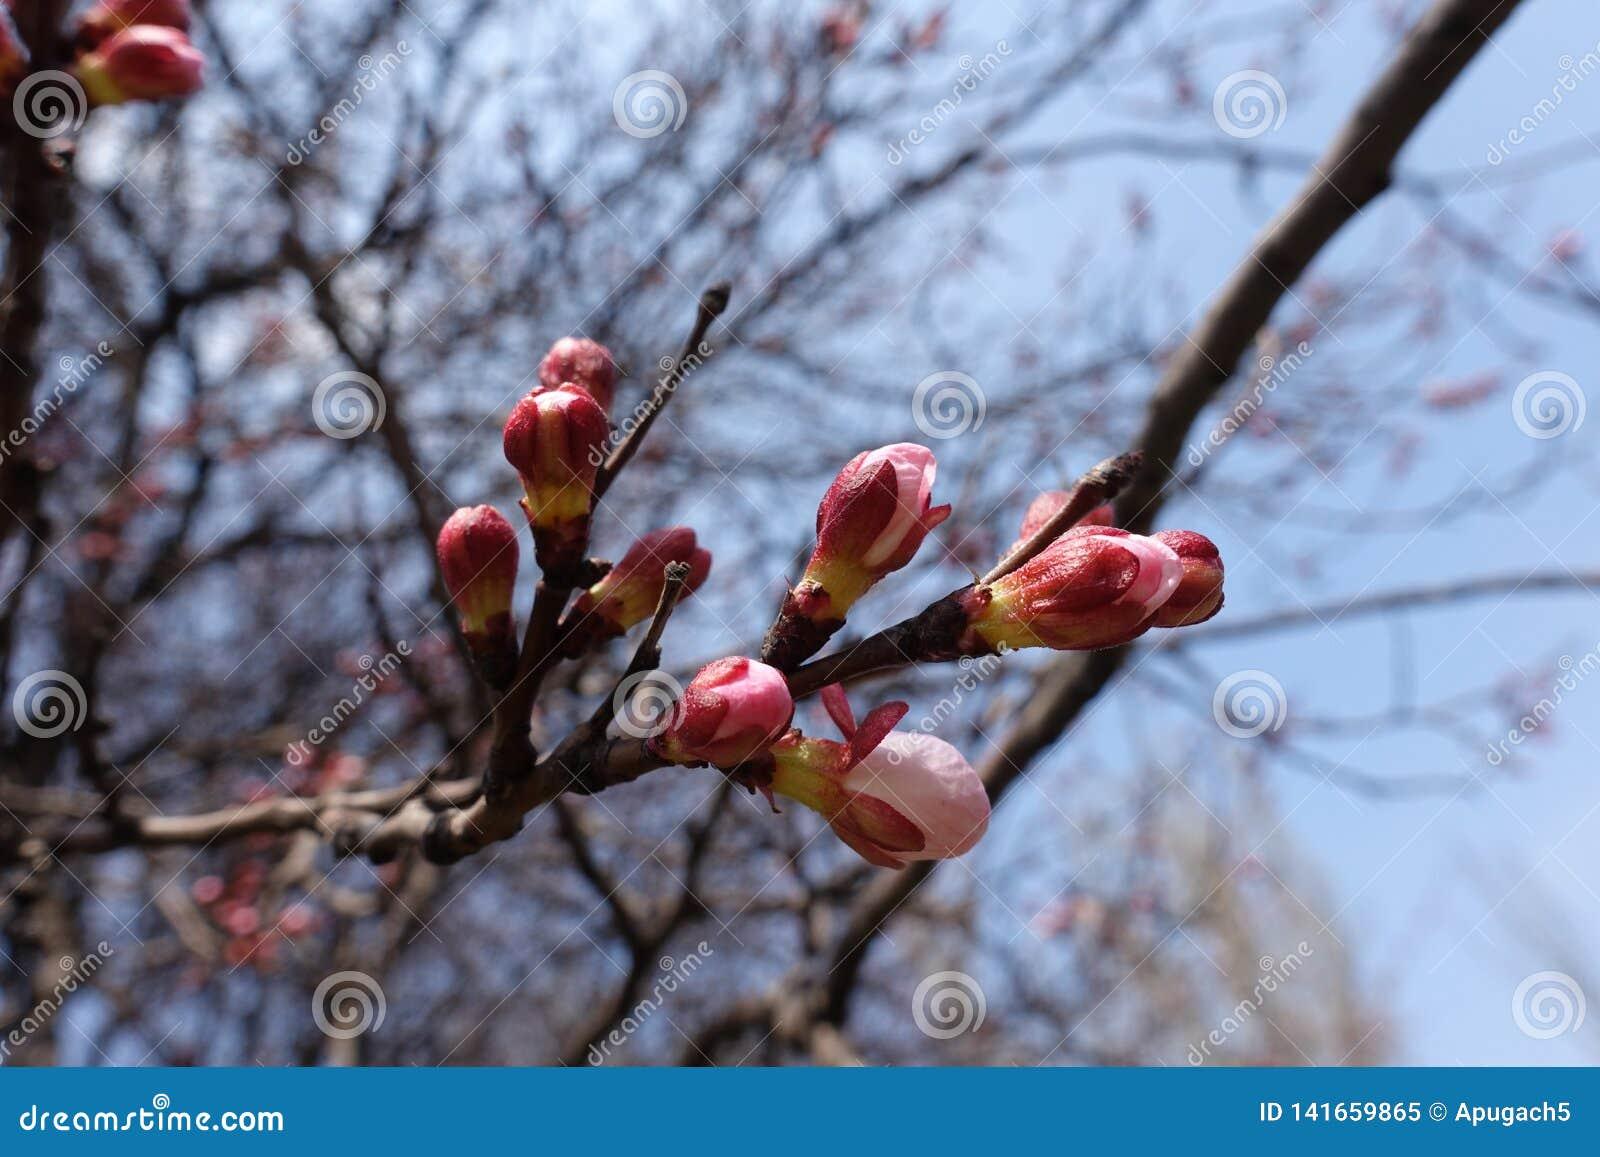 El rosa cerró los brotes de flor en la rama del albaricoque contra el cielo azul